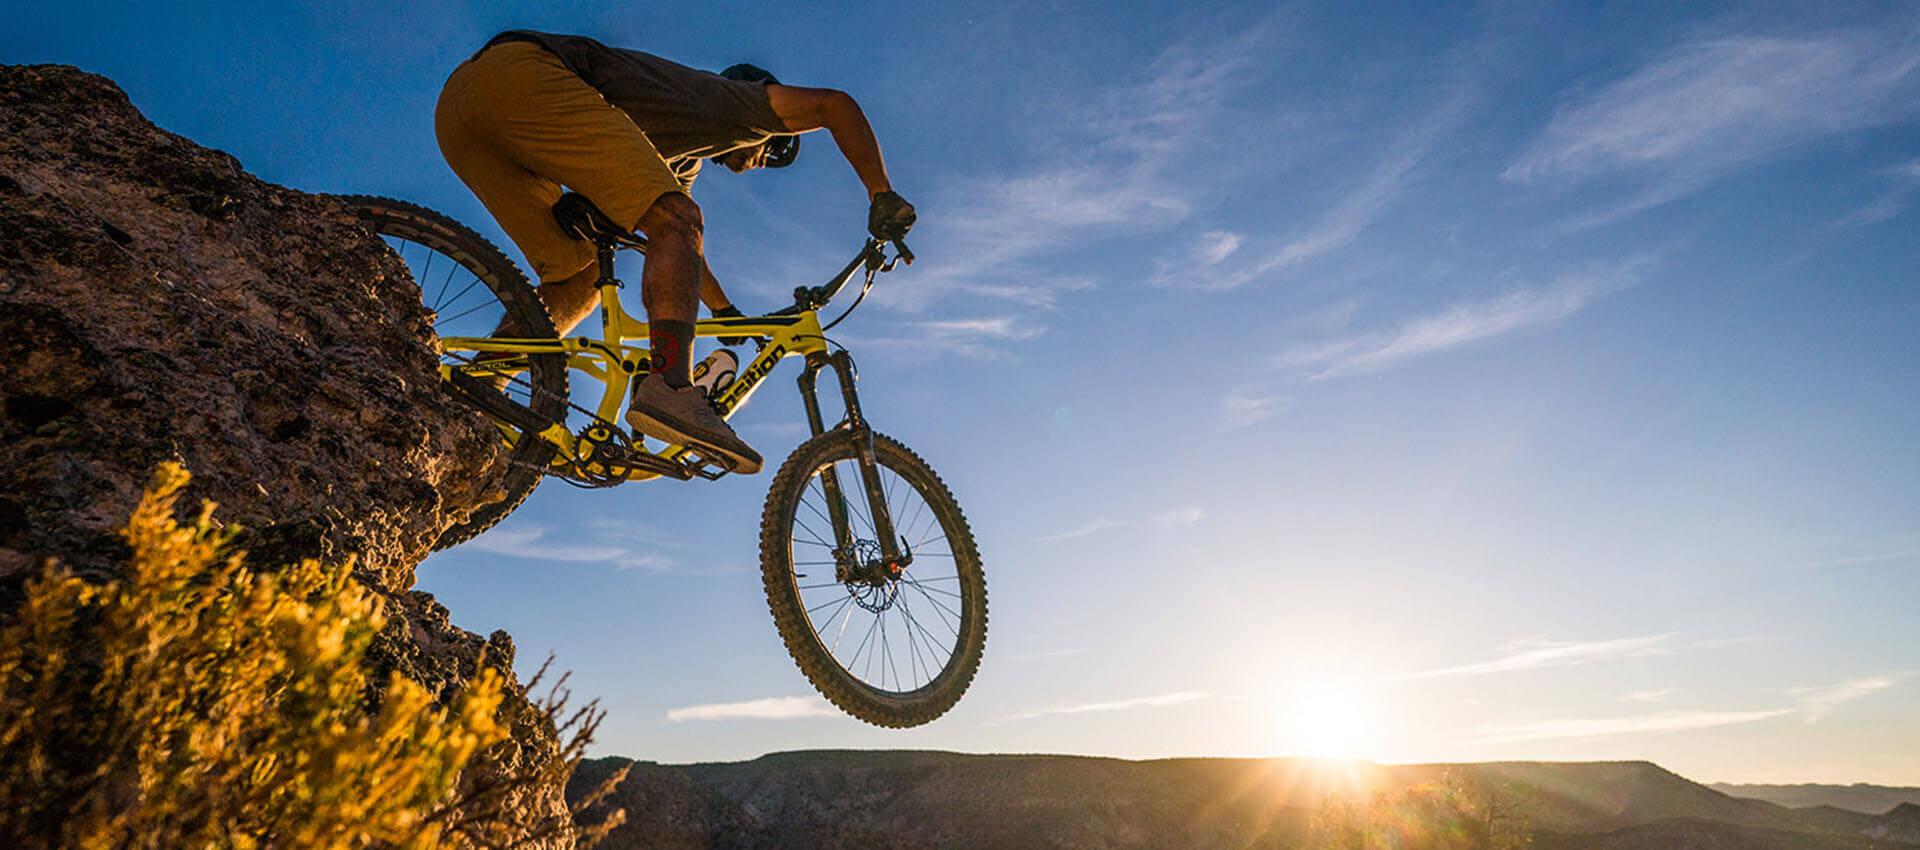 Cycling Nevada, Mountain Biking, Nevada cycling, Nevada Mountain biking